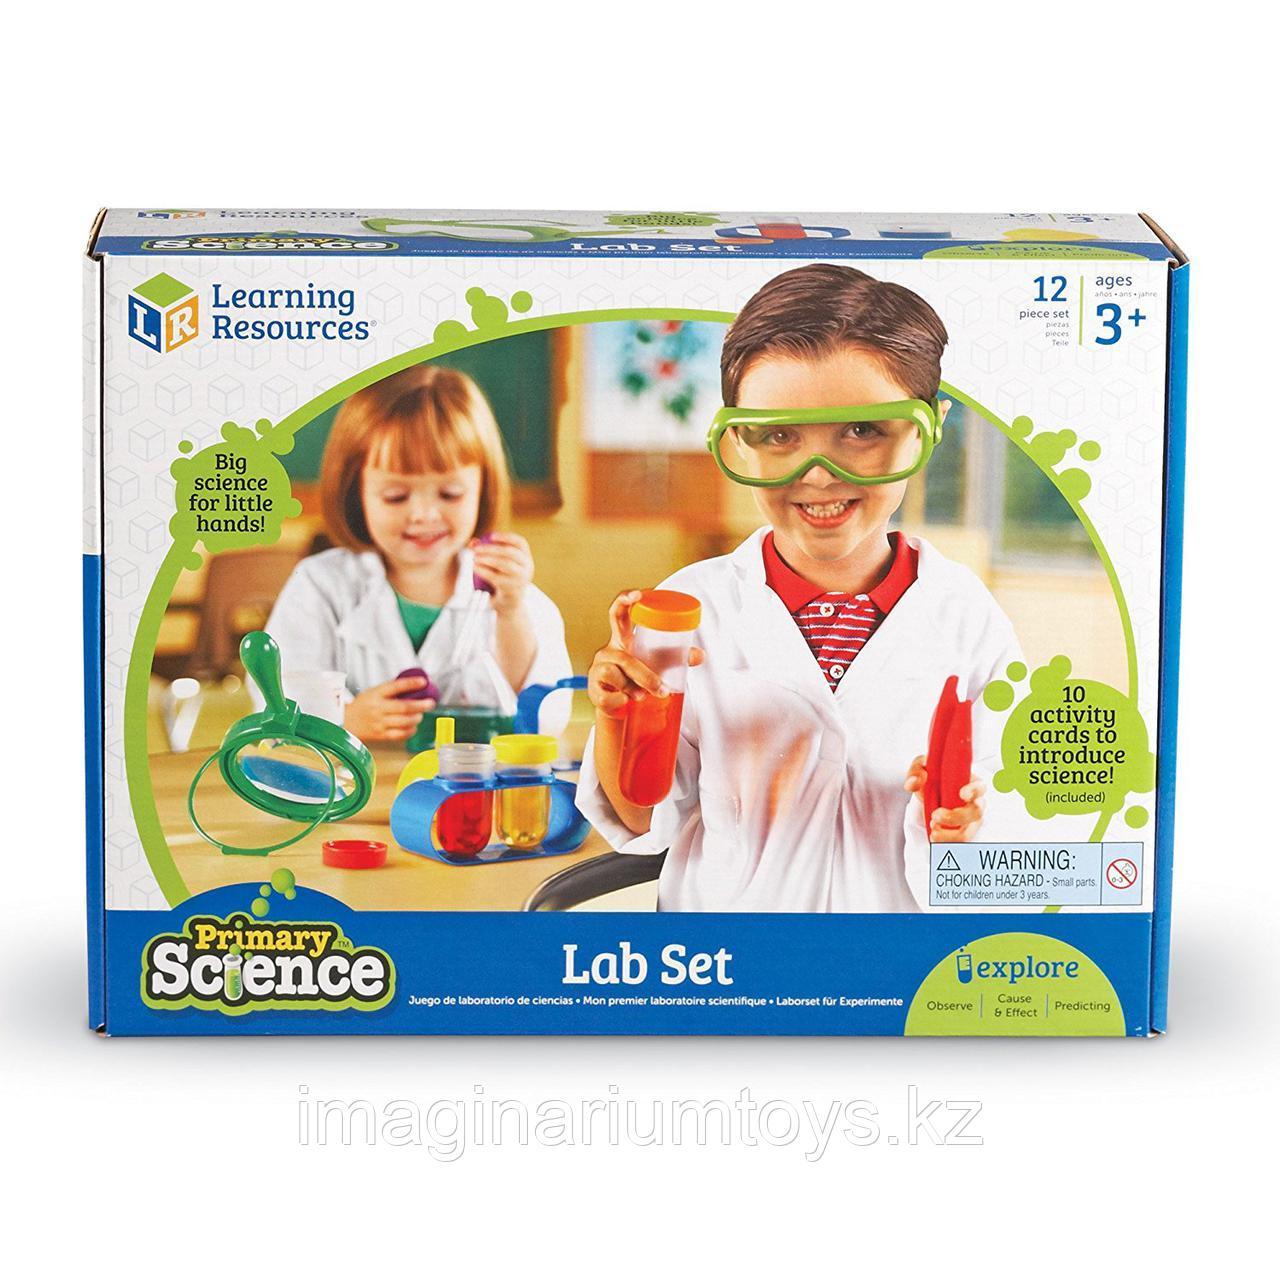 Развивающий набор «Моя первая лаборатория» Learning Resources